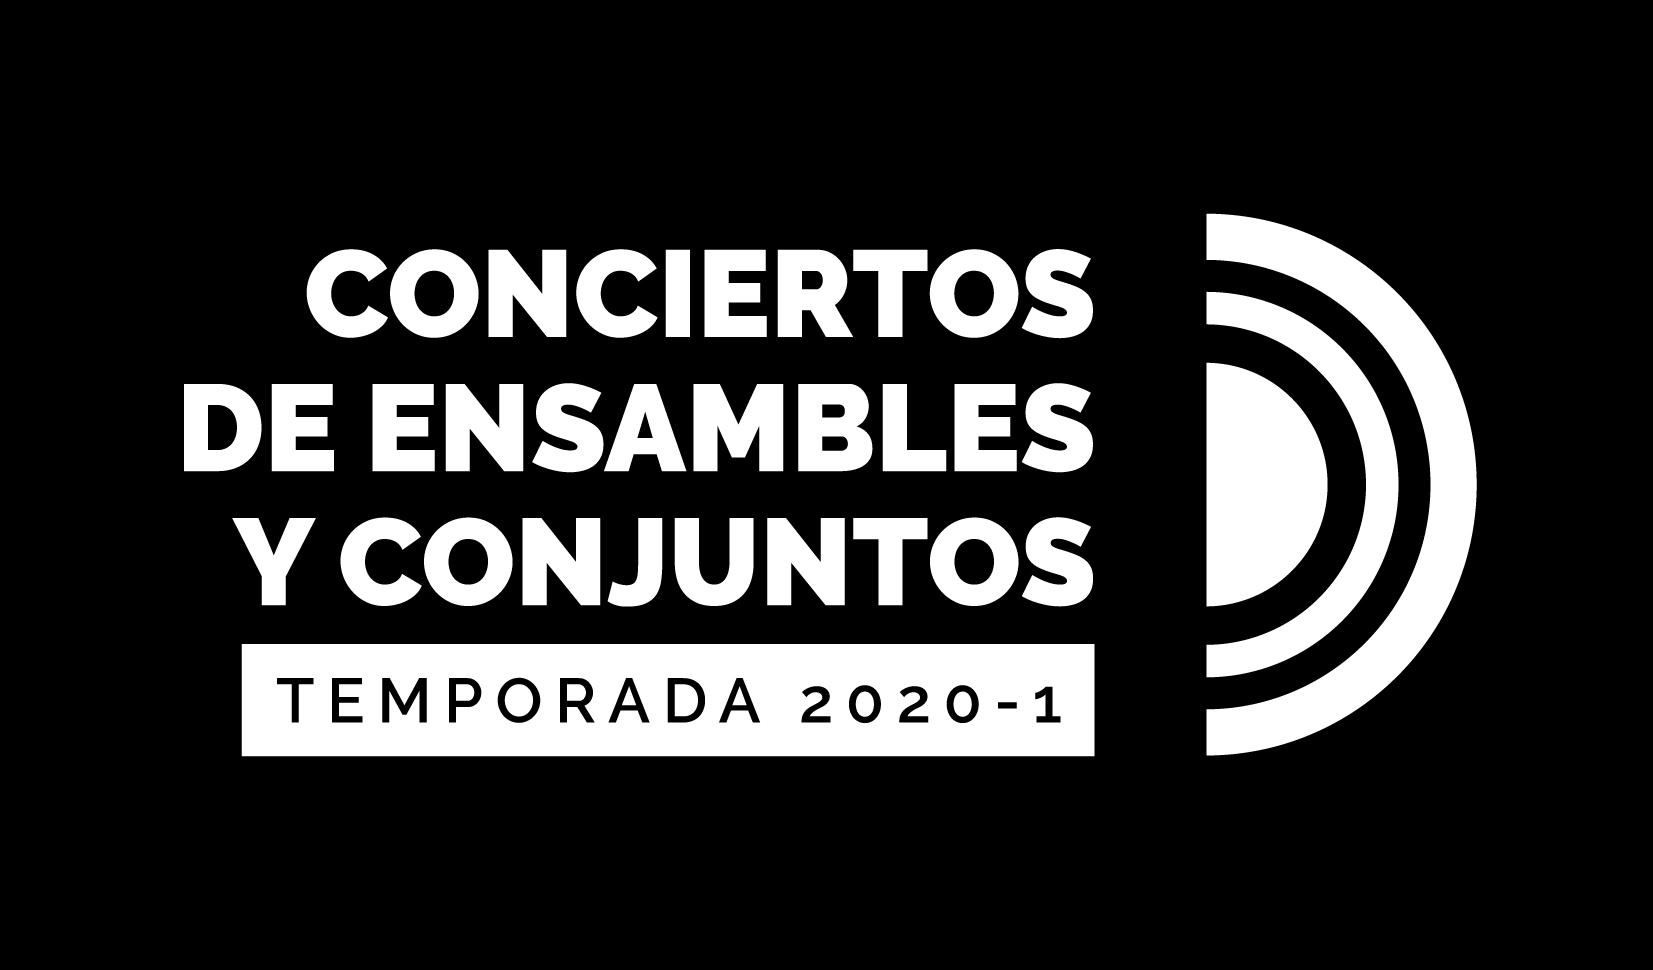 Temporada de Ensambles y Conjuntos: Conjunto de guitarras y Cuarteto de saxofones